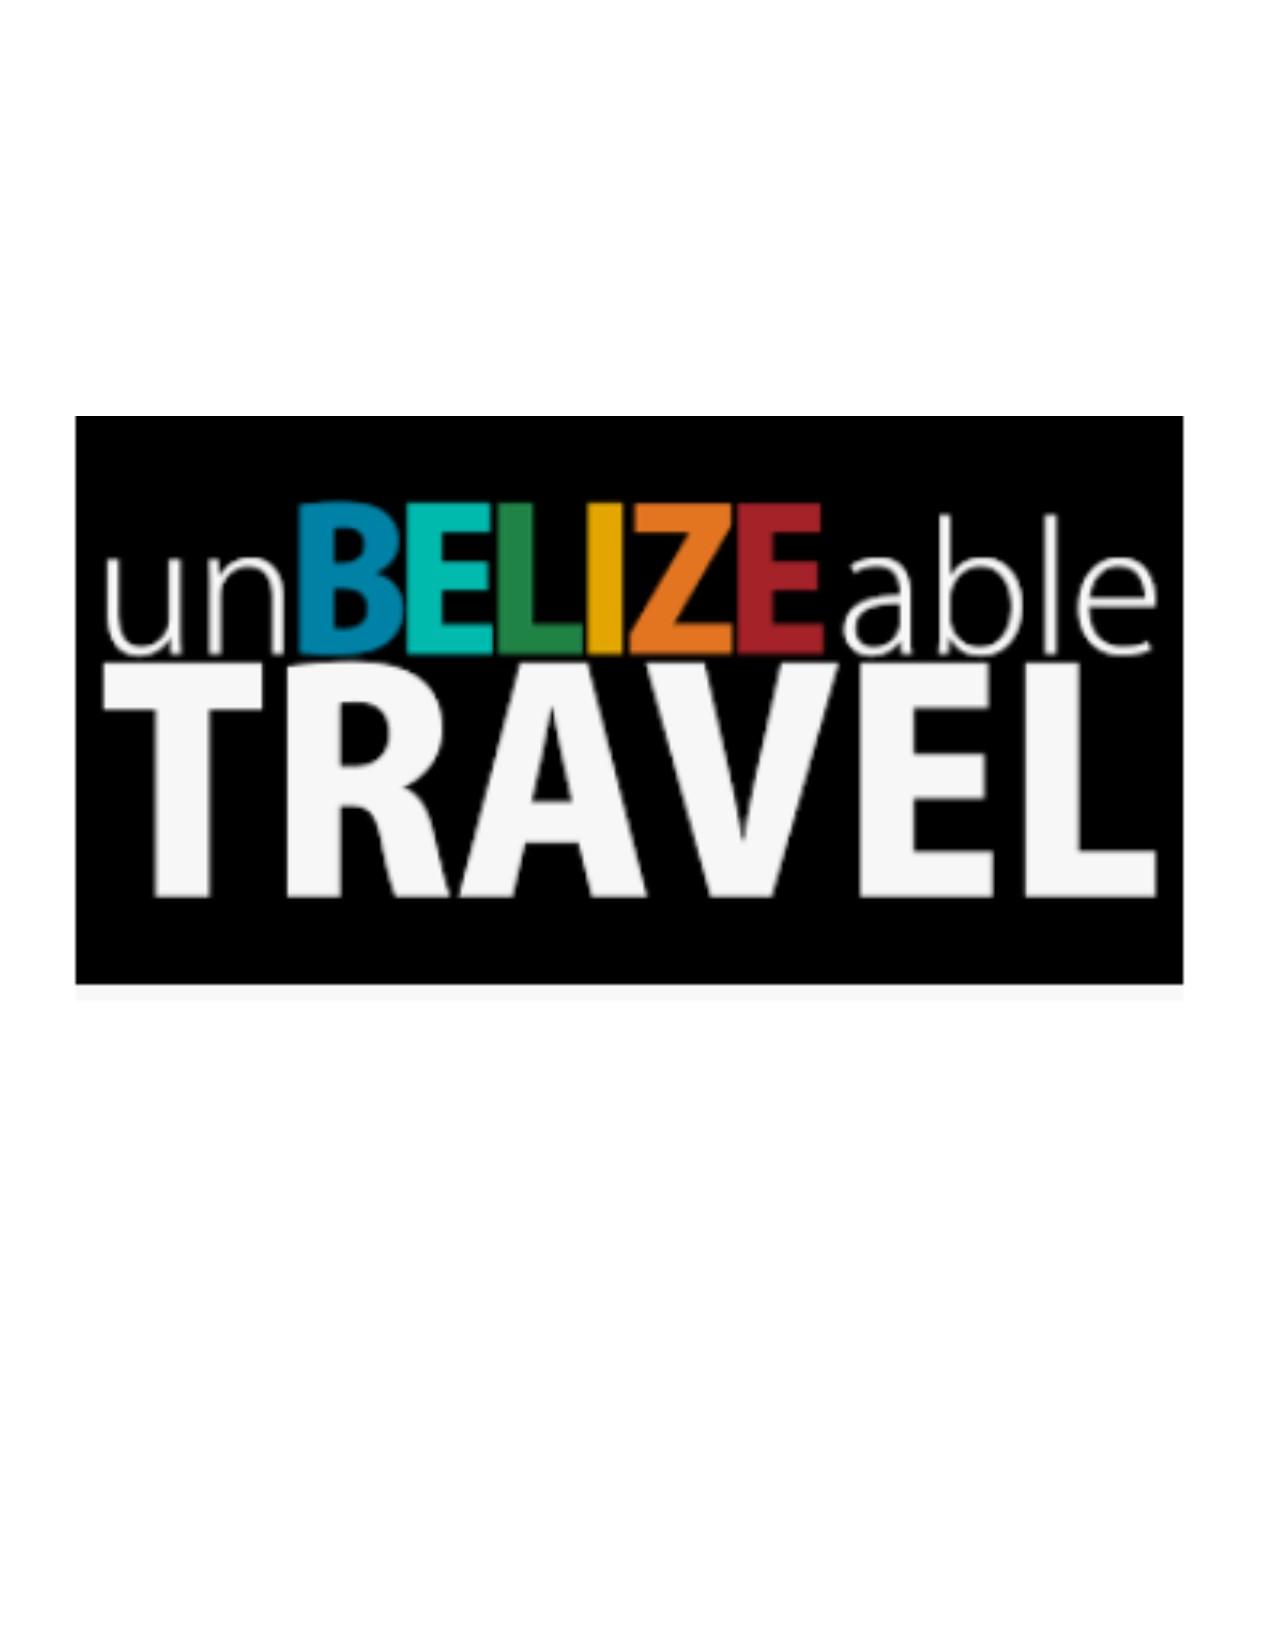 UnBelizeable Travel